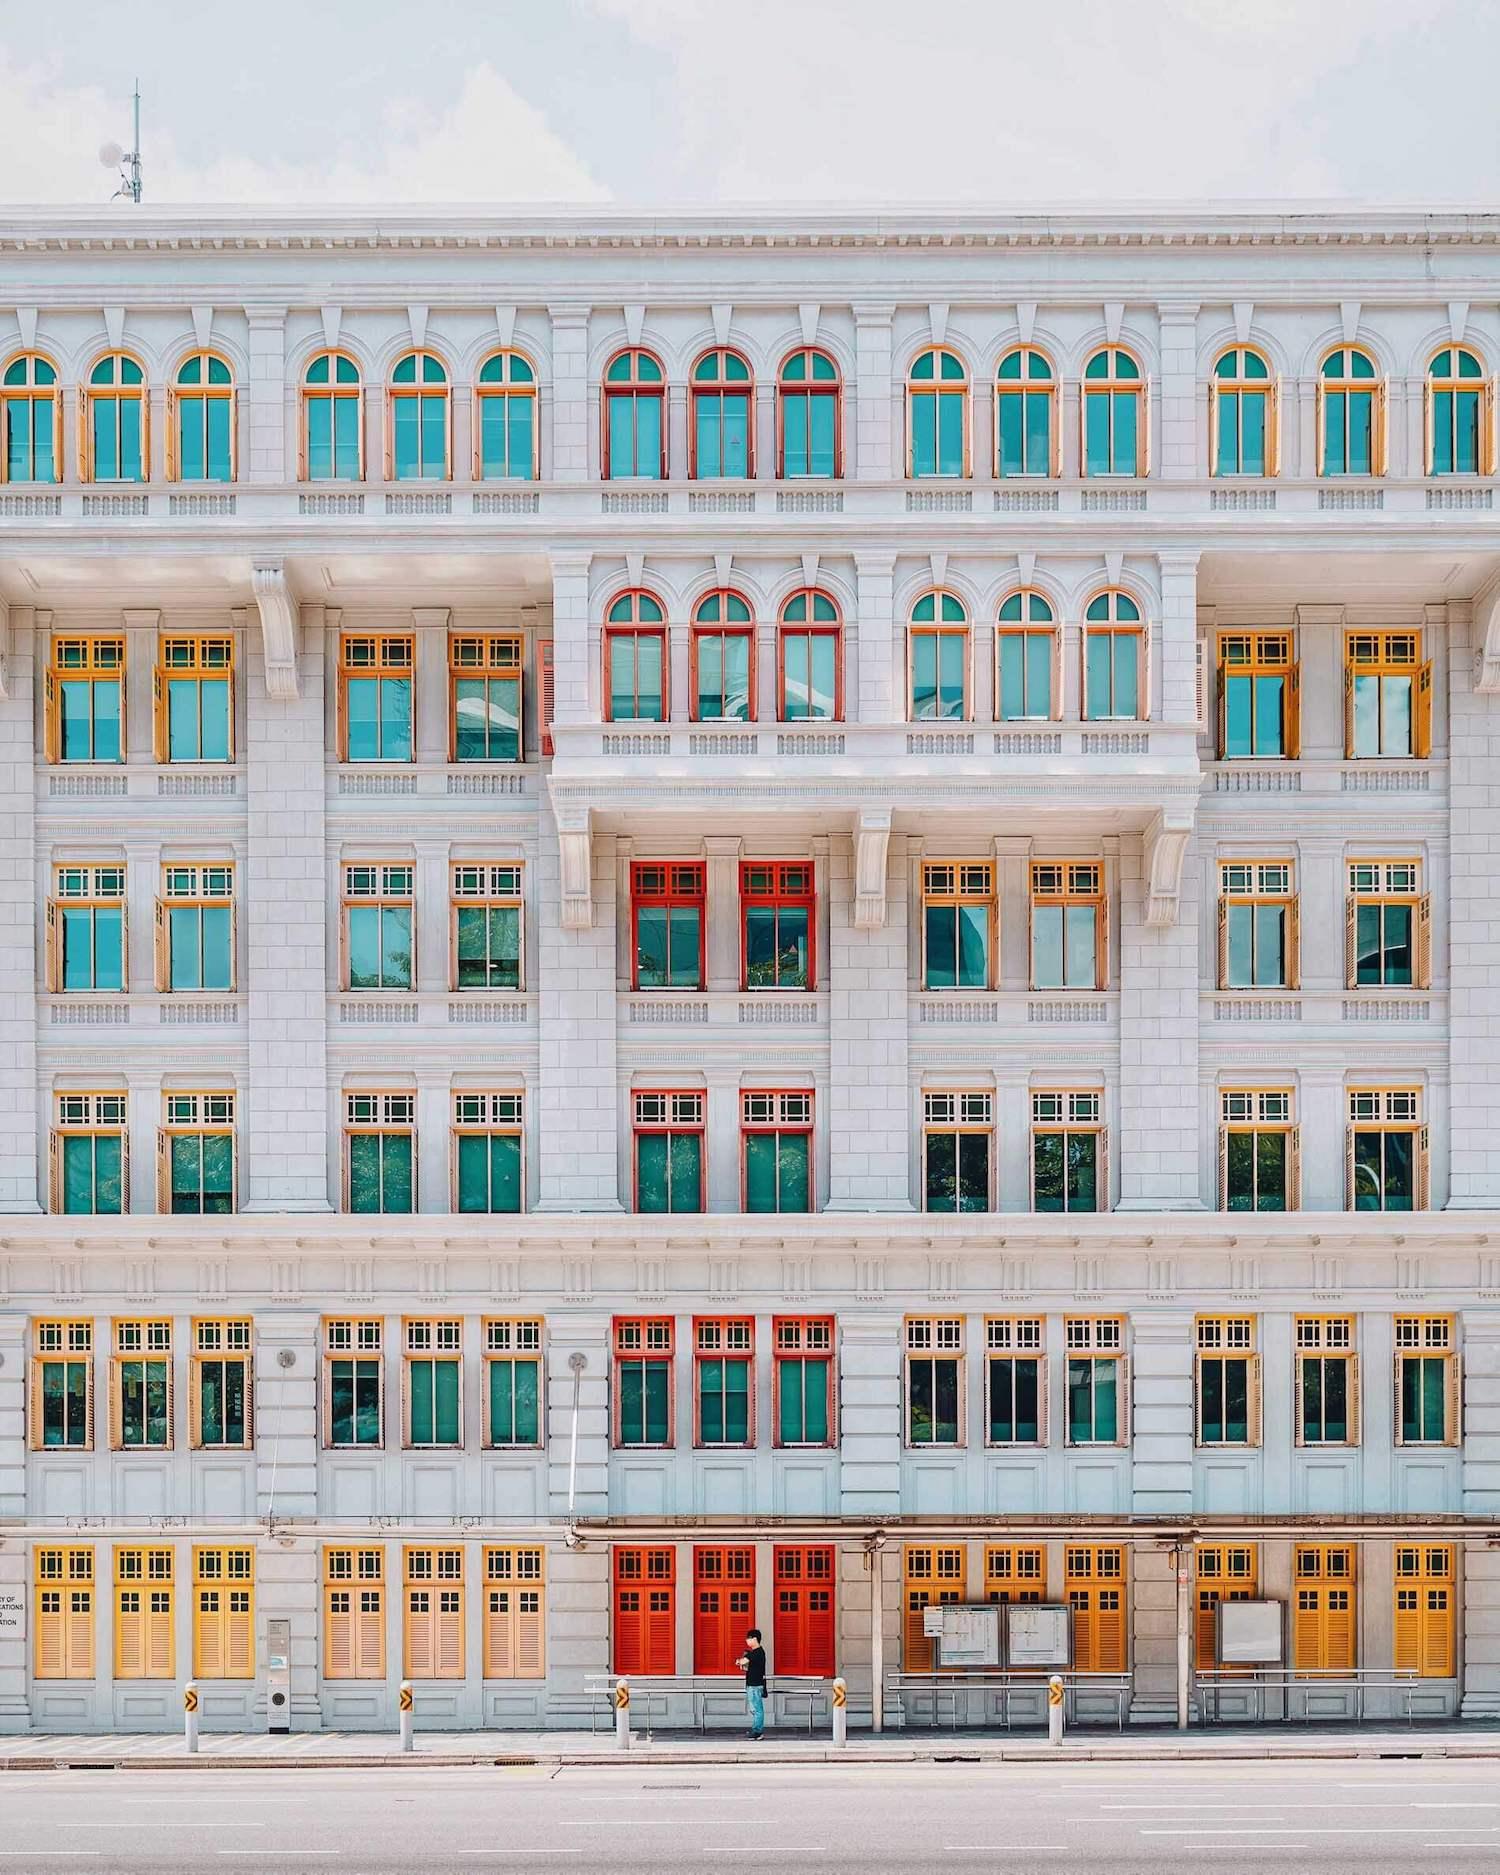 colourful facade, singapore, balconies